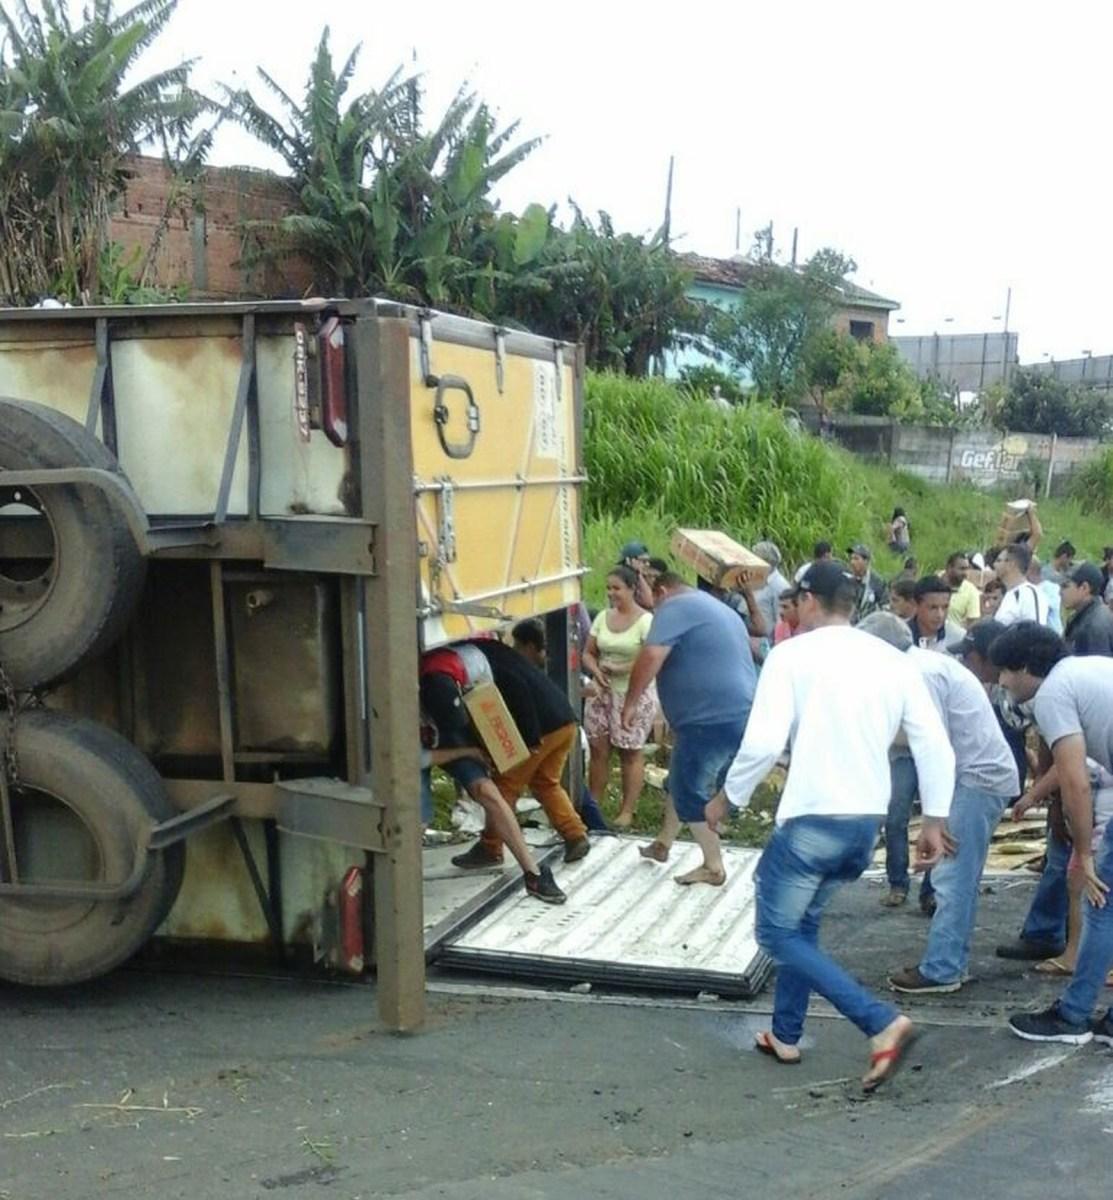 Carreta com 27 toneladas de carne tomba e carga é saqueada por 2 mil pessoas